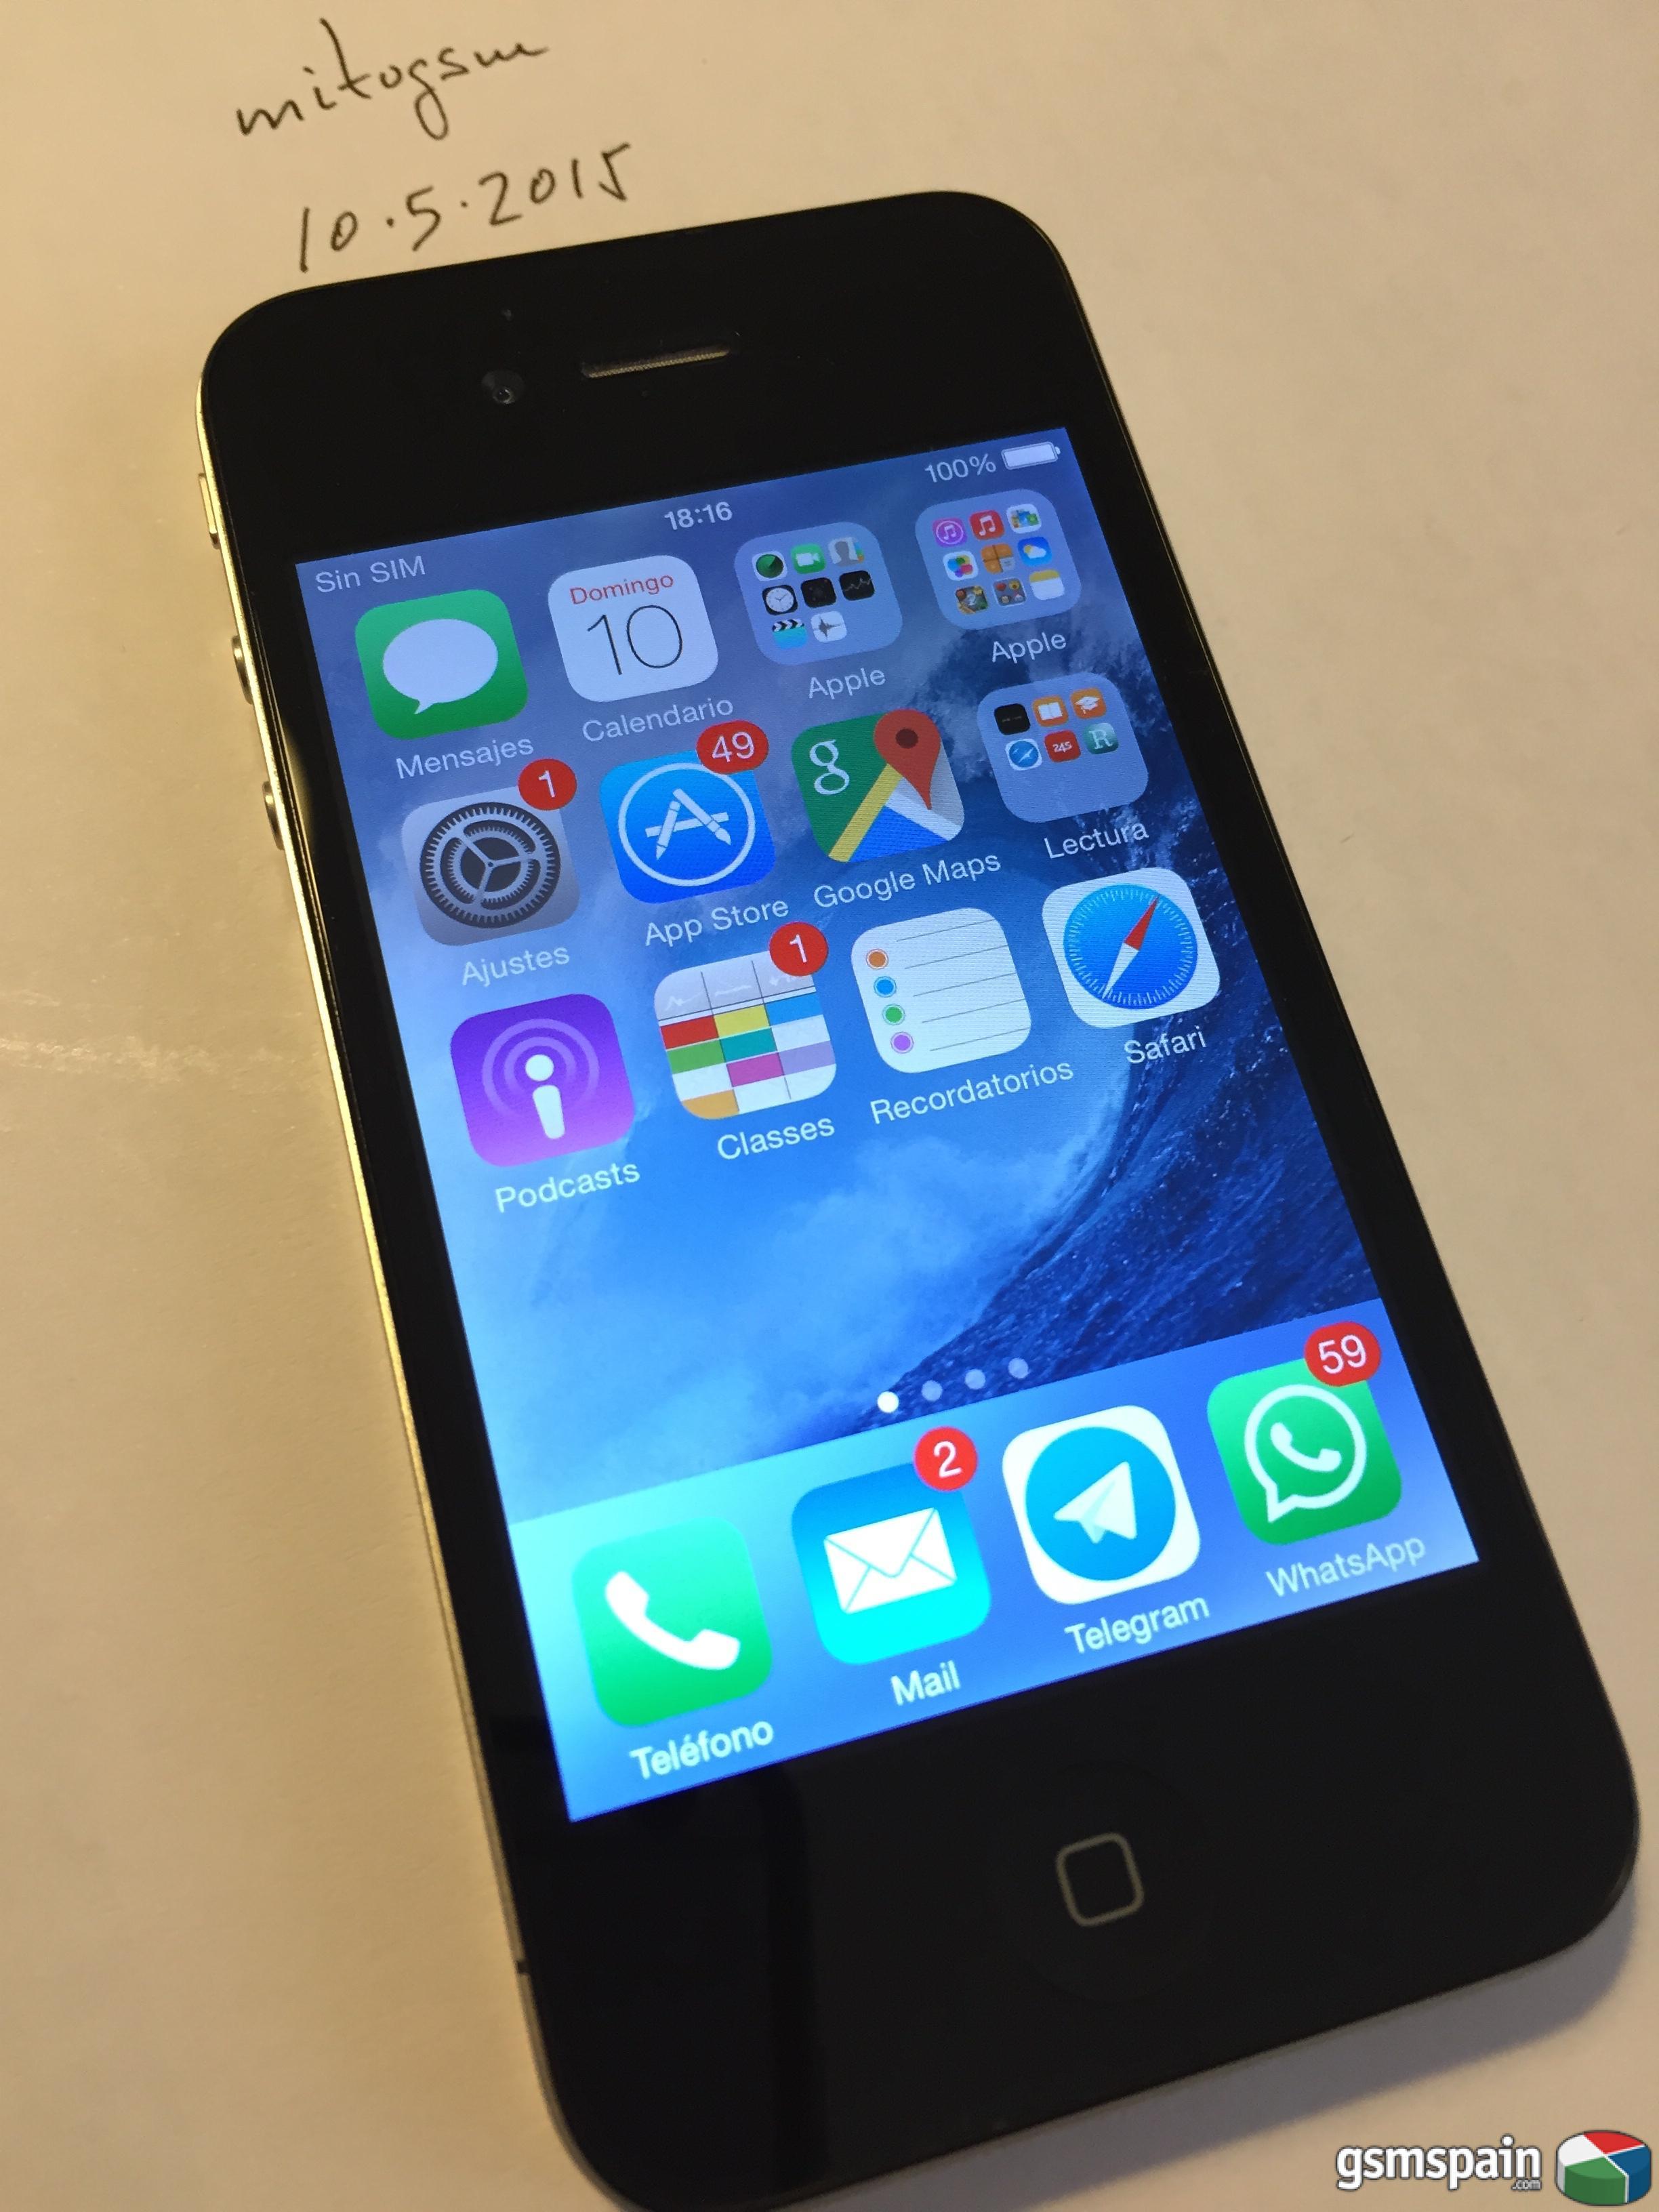 [VENDO] iPhone 4 16Gb negro libre + pack